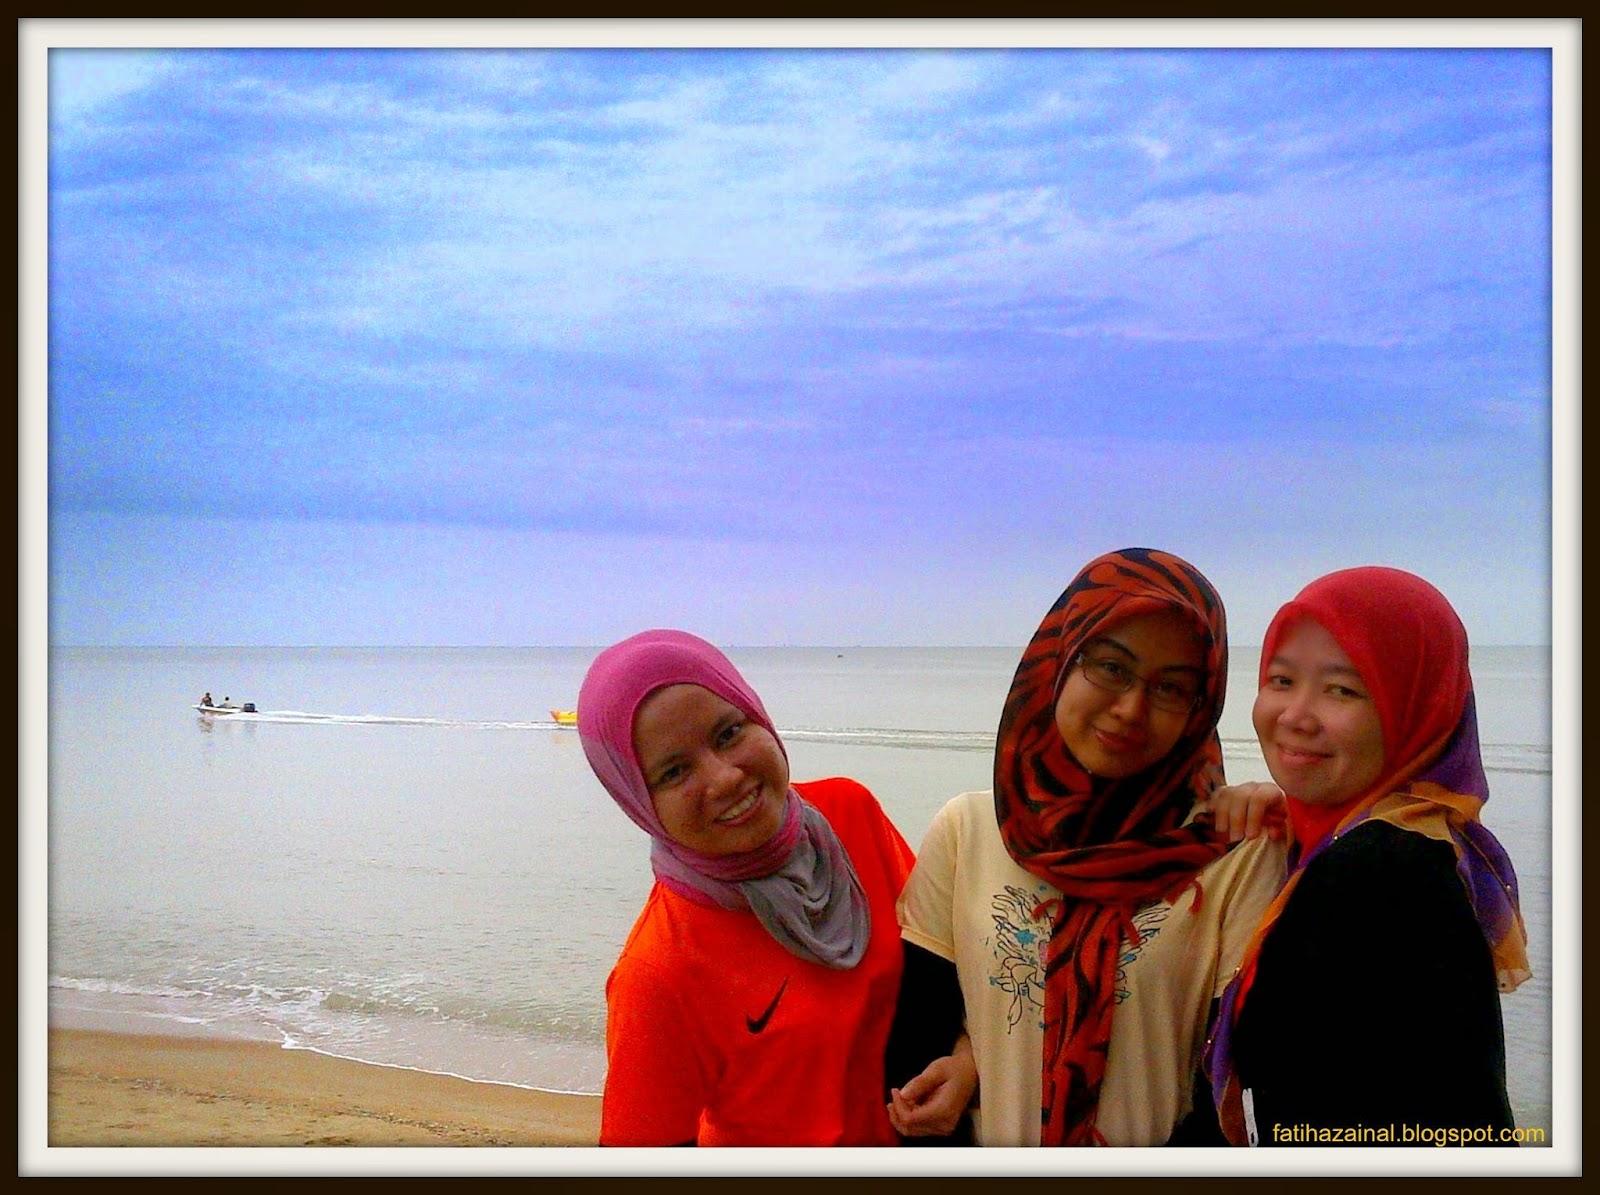 pantai pengkalan balak , pantai malaysia, pantai, cuti-cuti malaysia